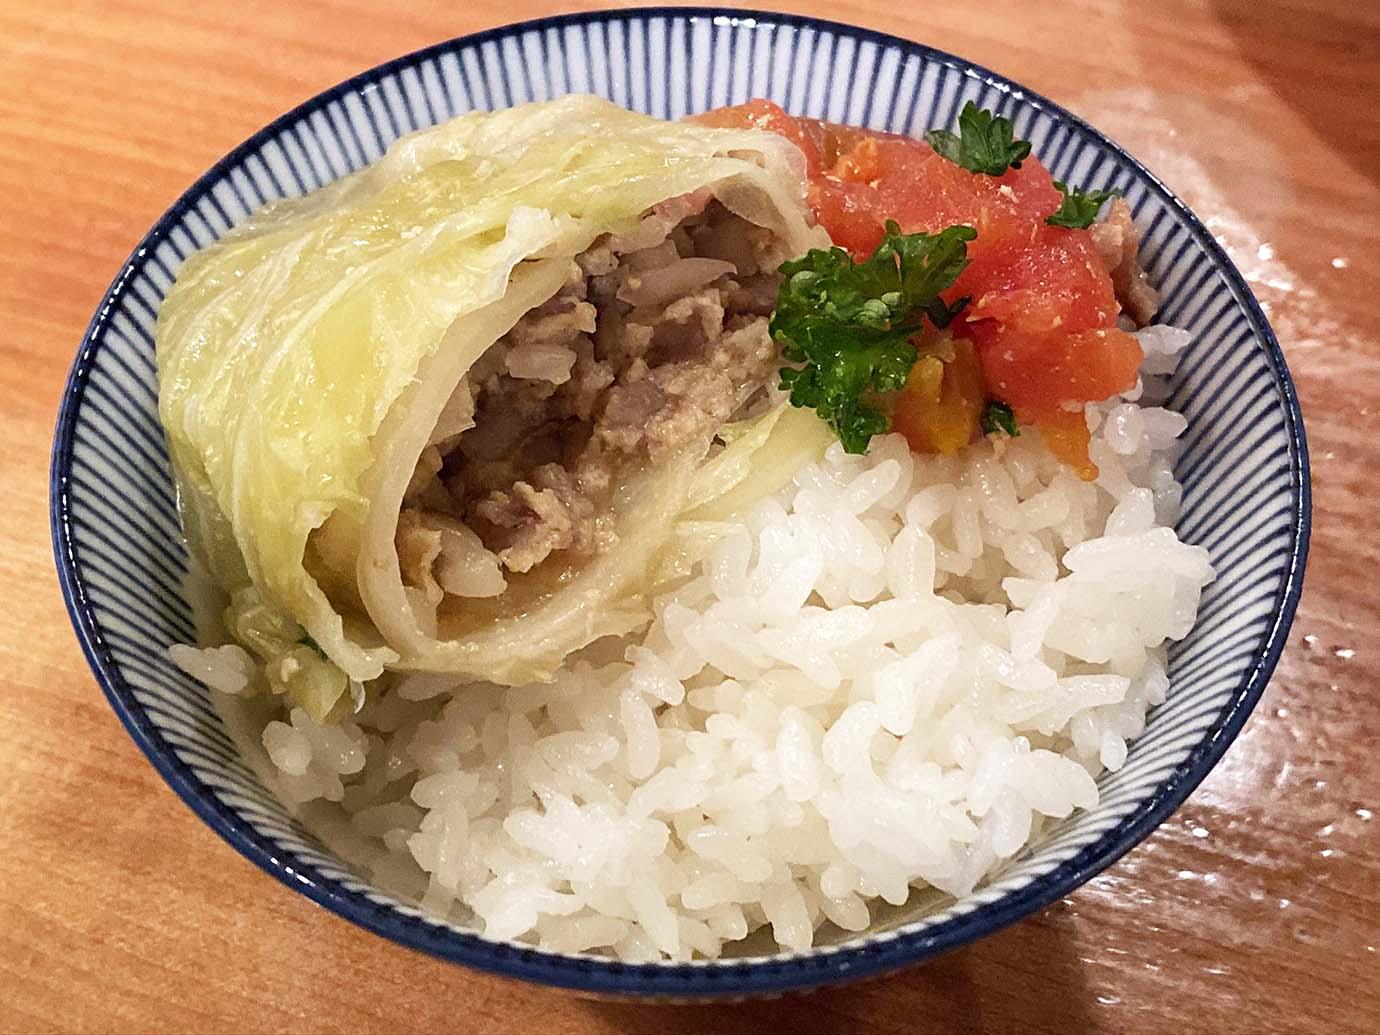 kodoku-no-gurume-season8-ginza-roll-cabbage4